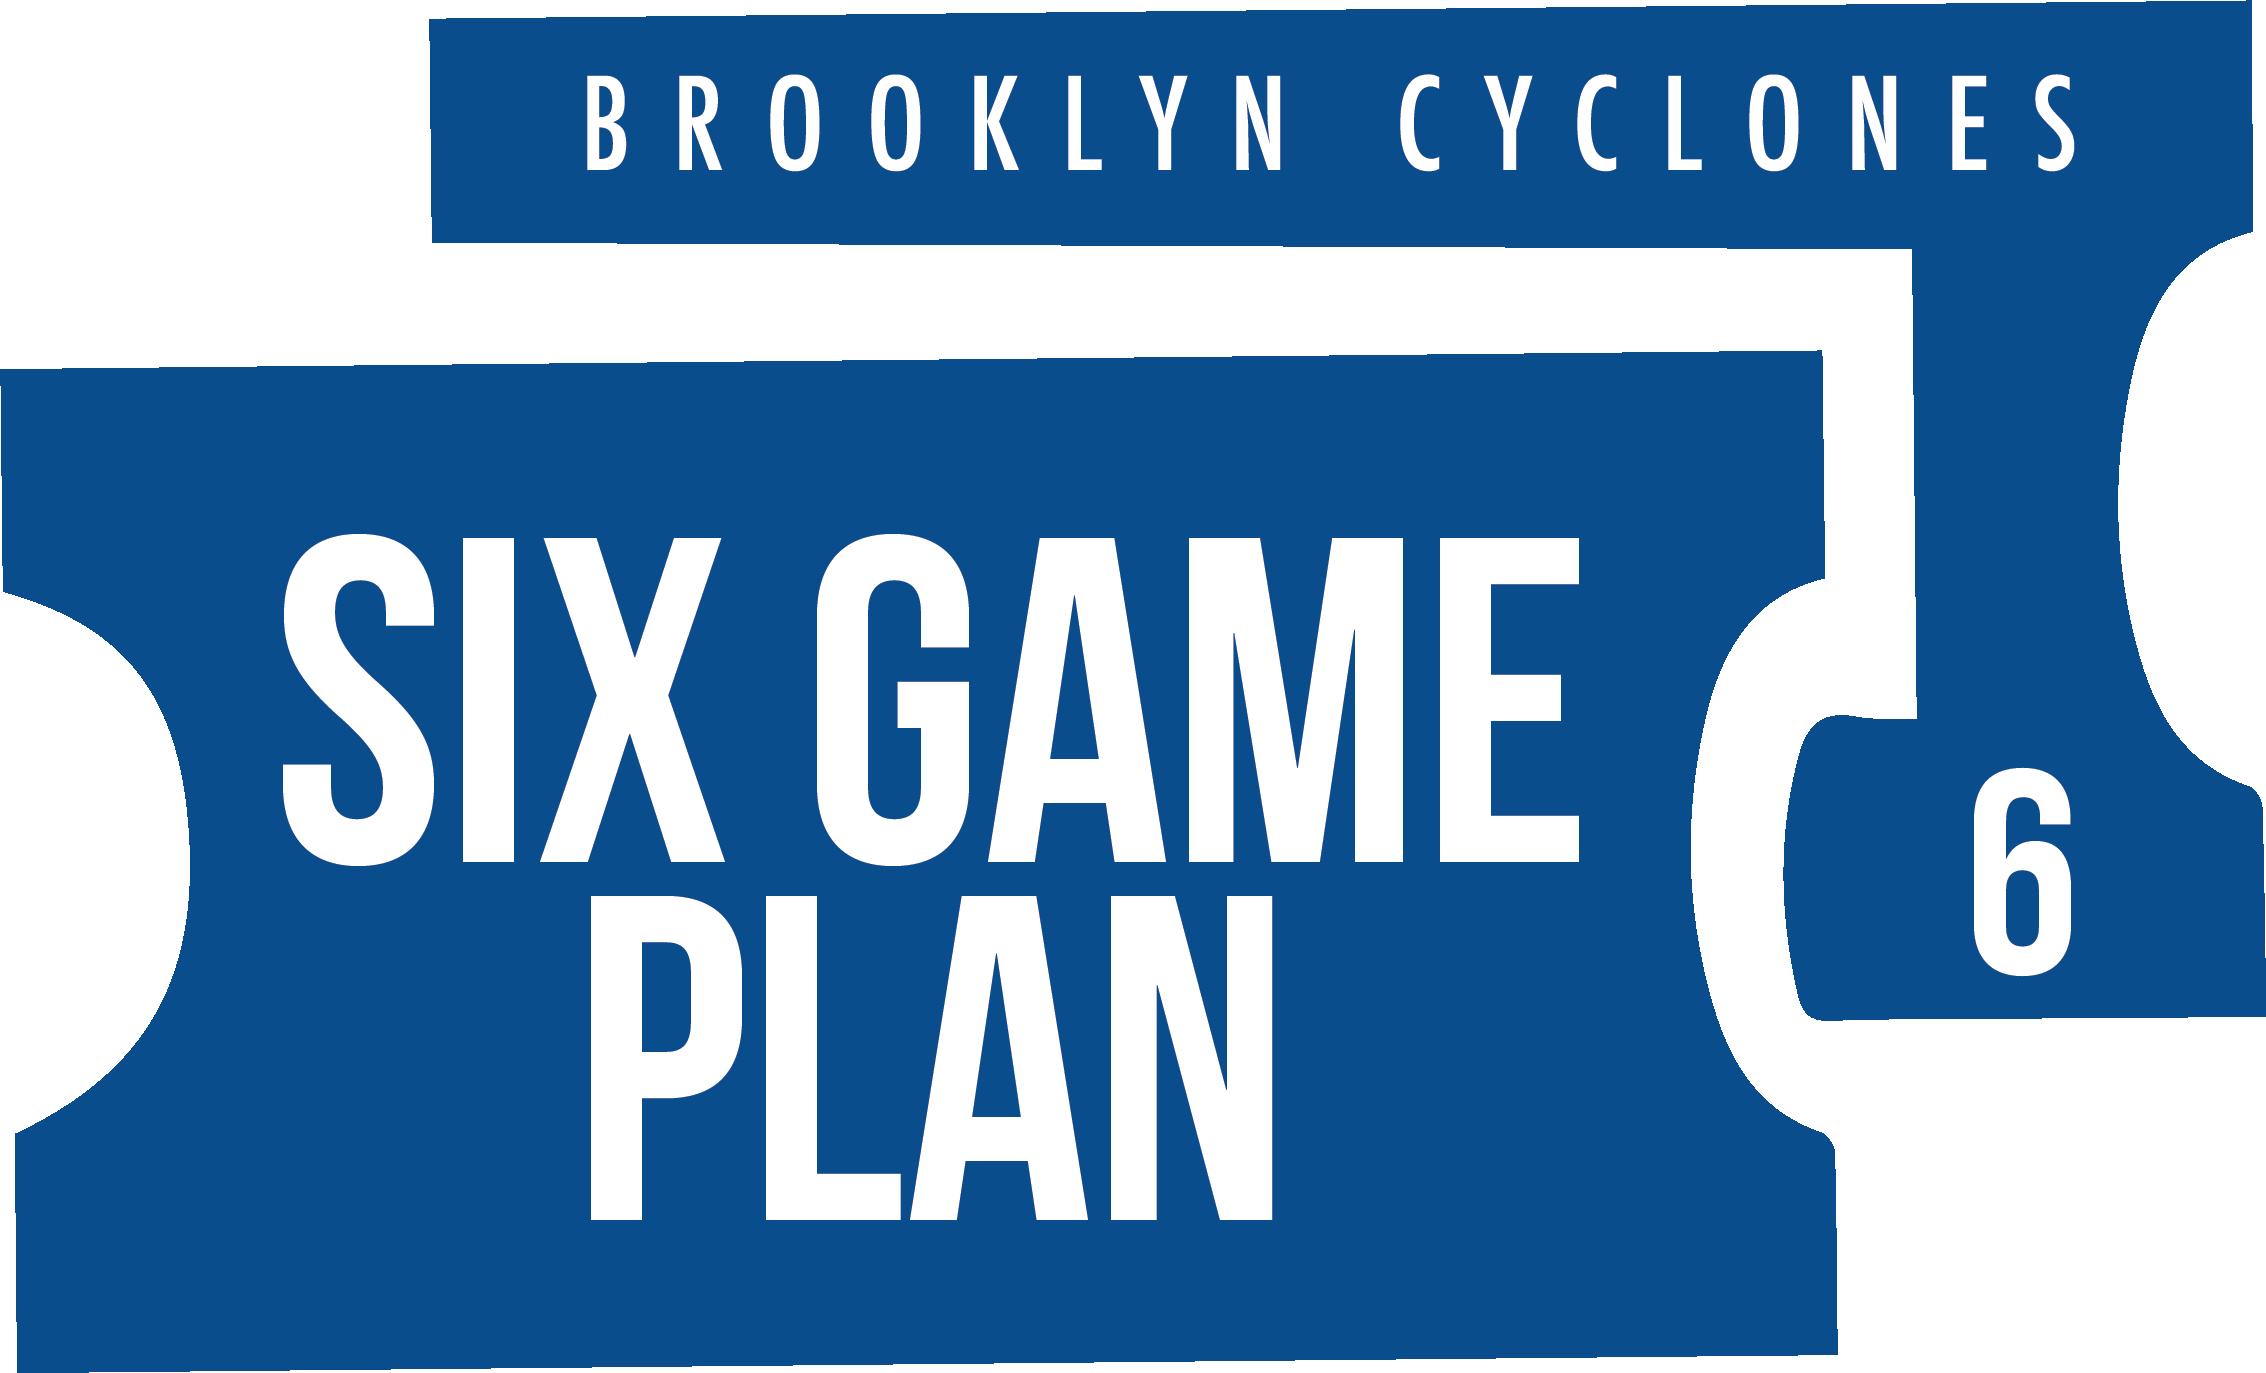 brooklyncyclones com mini plans